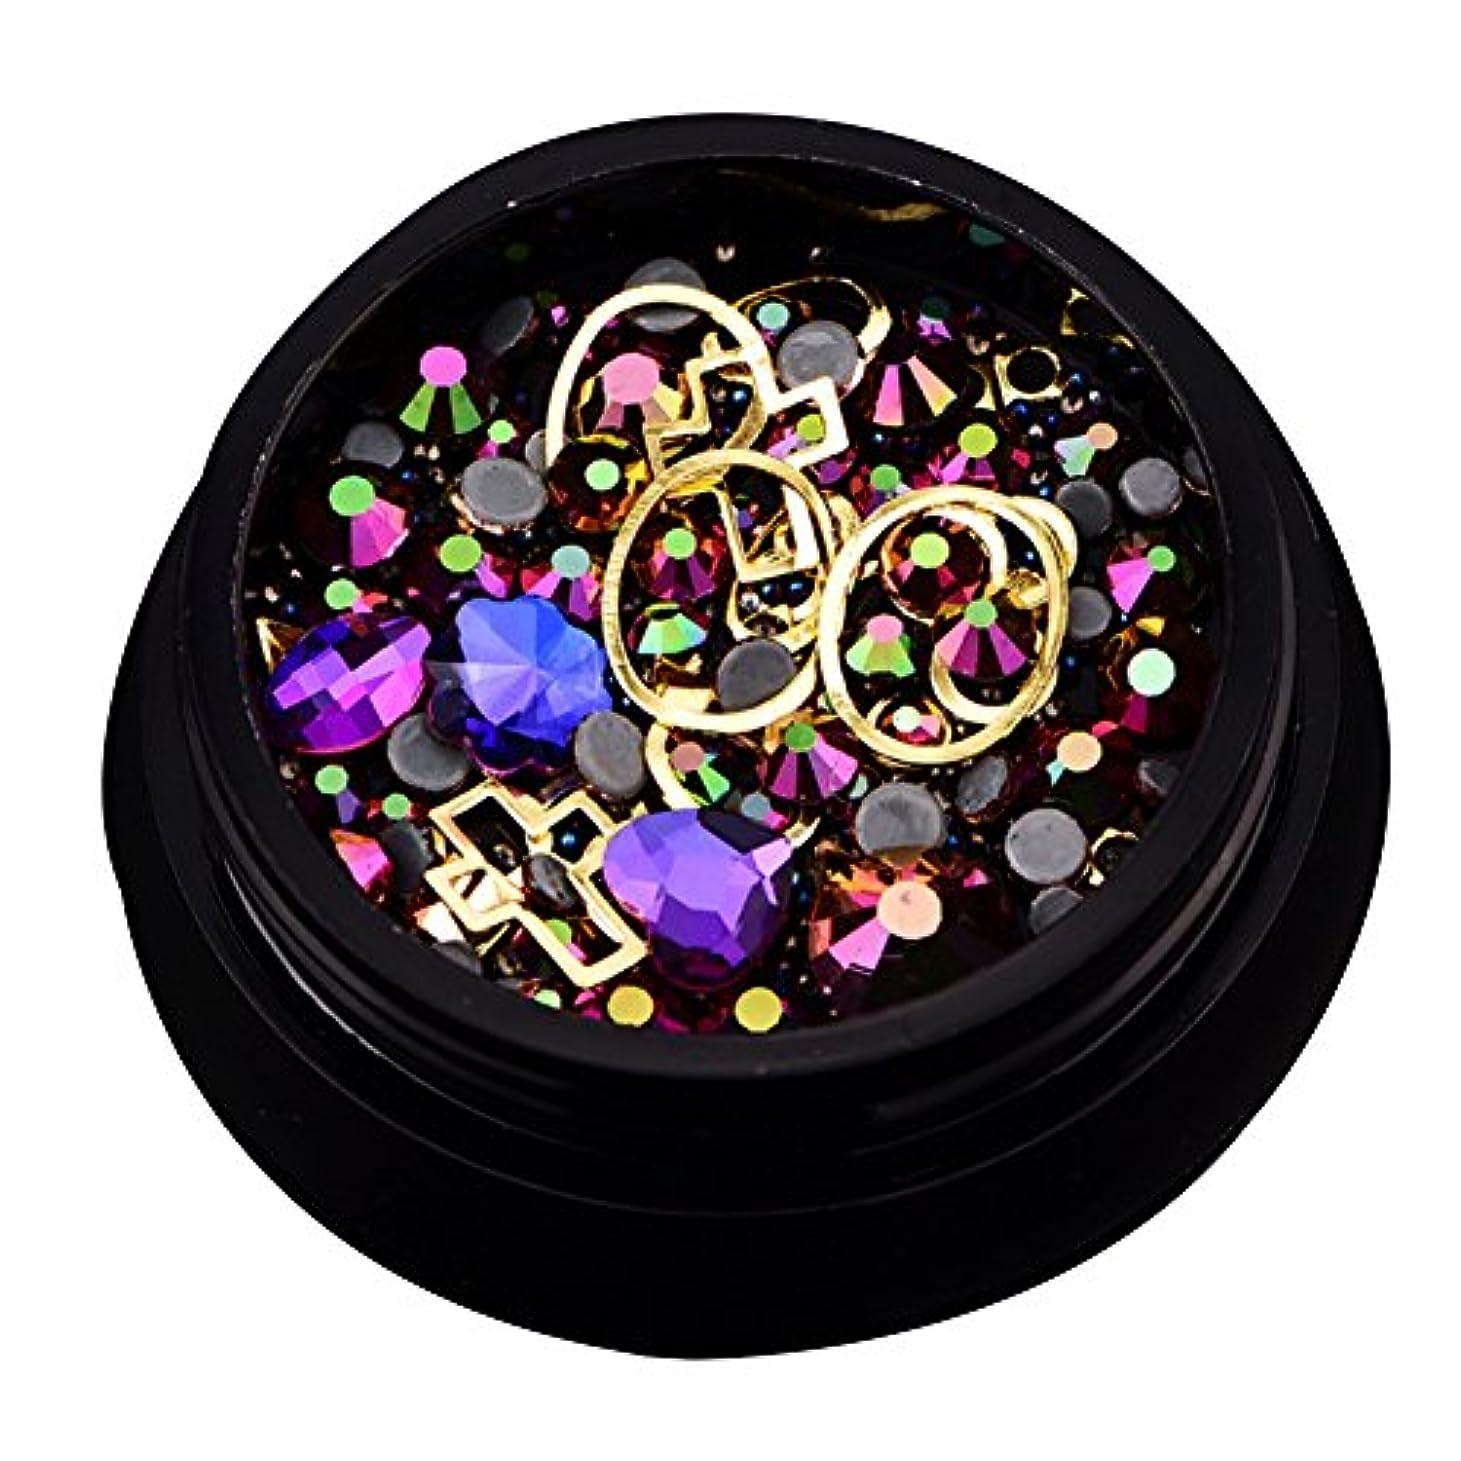 辛いインキュバス燃やすネイル宝石ダイヤモンドネイルアートの装飾輝くクリスタルビーズネイルネイルジュエリー結晶ダイヤモンドの宝石の魅力ステッカー(青紫色)